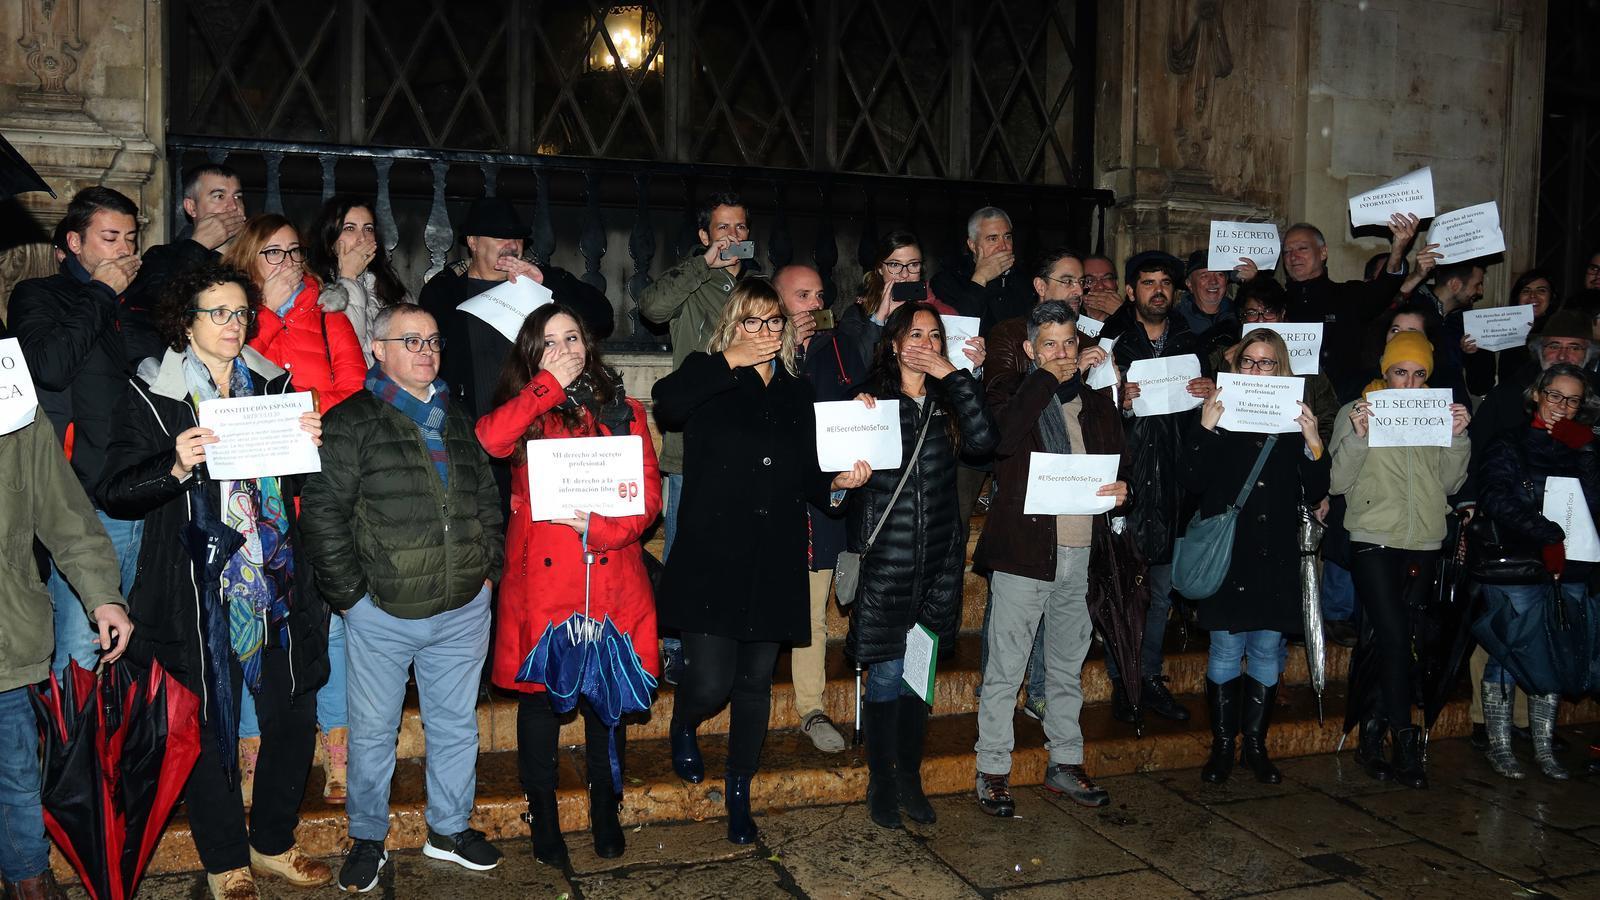 La manifestació ha tengut lloc a la plaça de Cort, a Palma